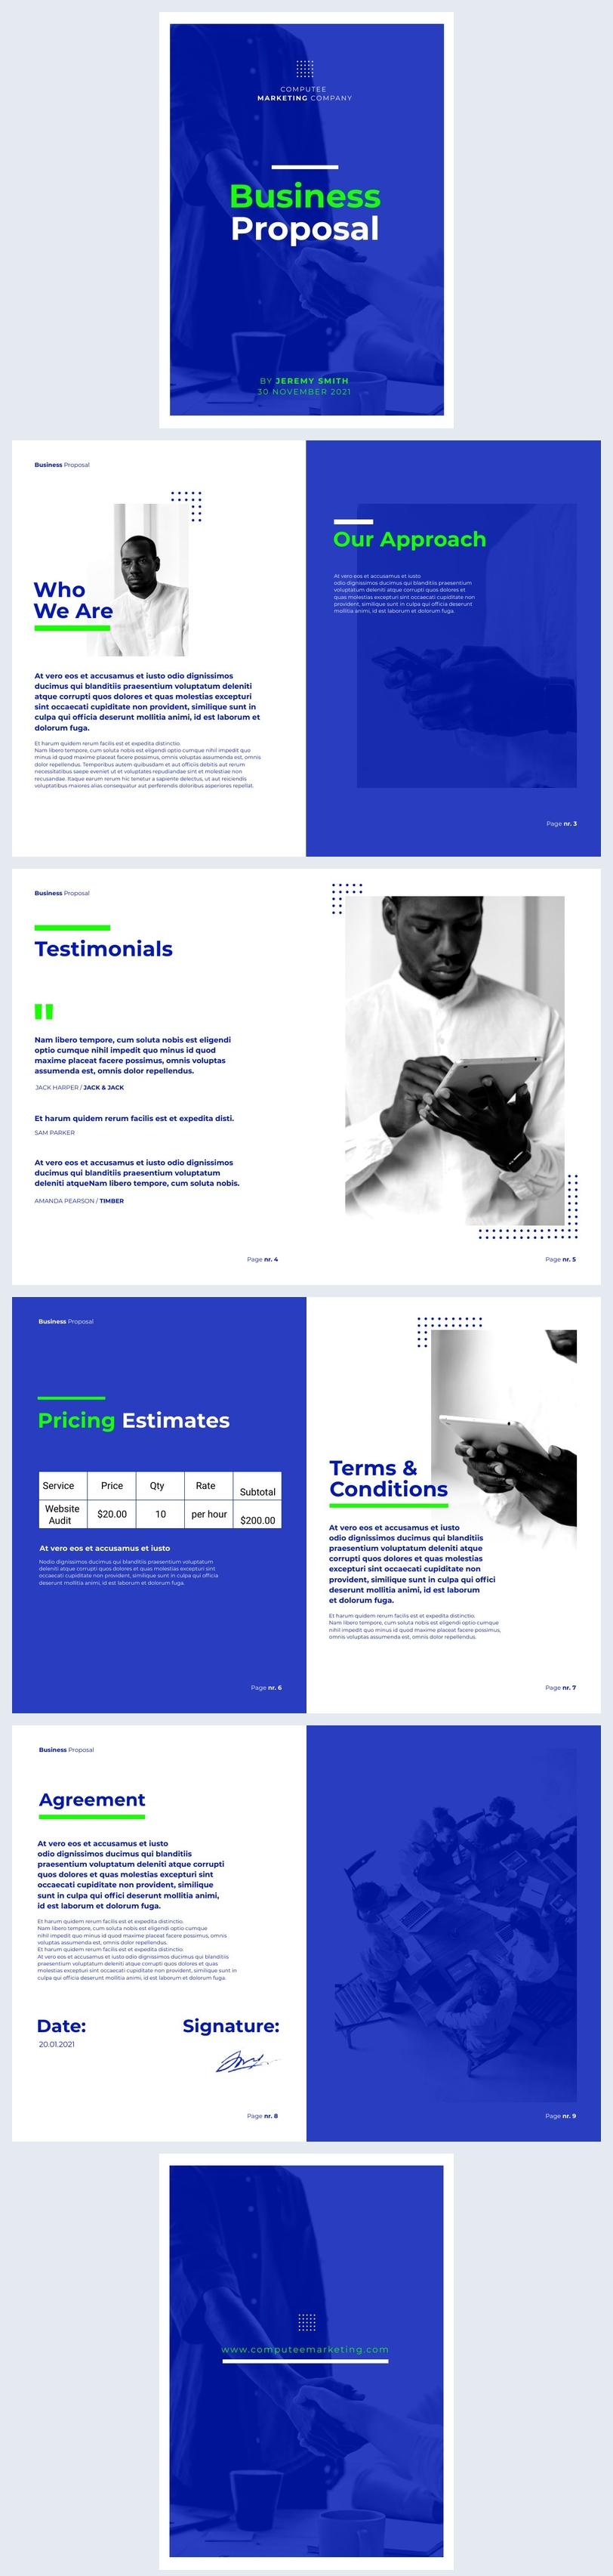 Geschäftsangebot Beispiel-Design